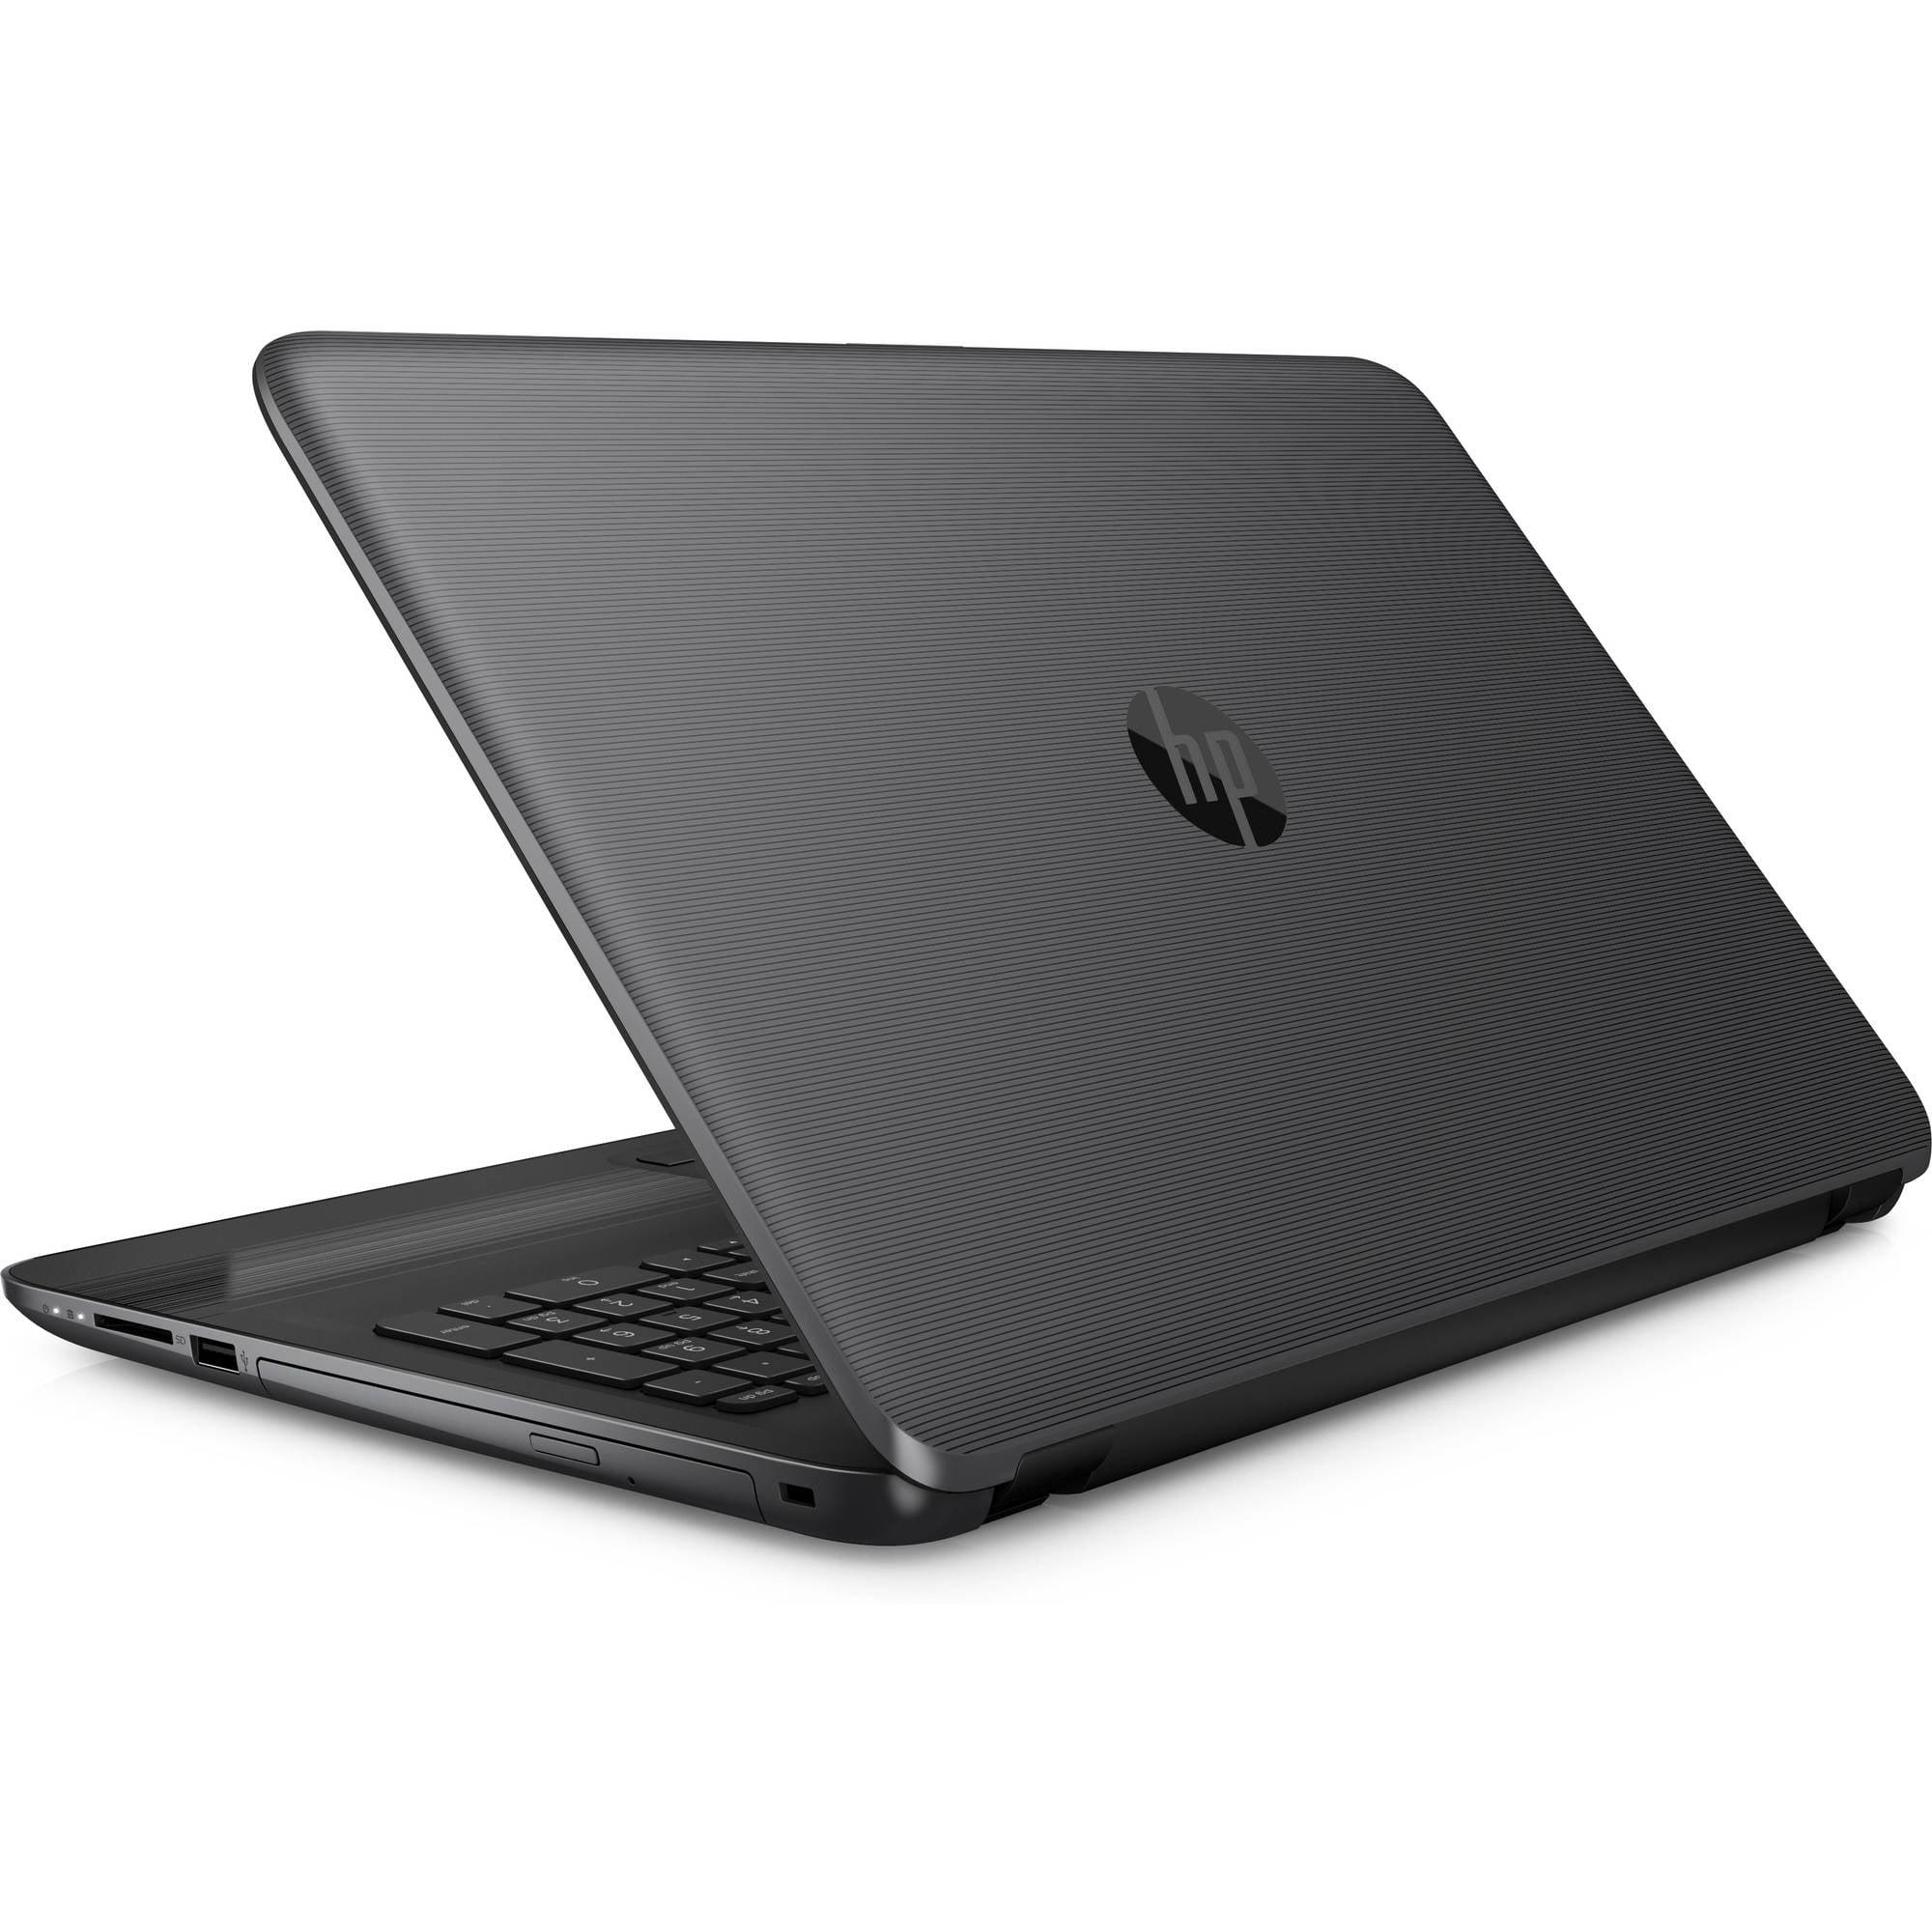 """HP 250 G5 15.6"""" Laptop, Windows 10 Pro, Intel Core I5-6200U Processor, 4GB RAM, 500GB Hard Drive"""